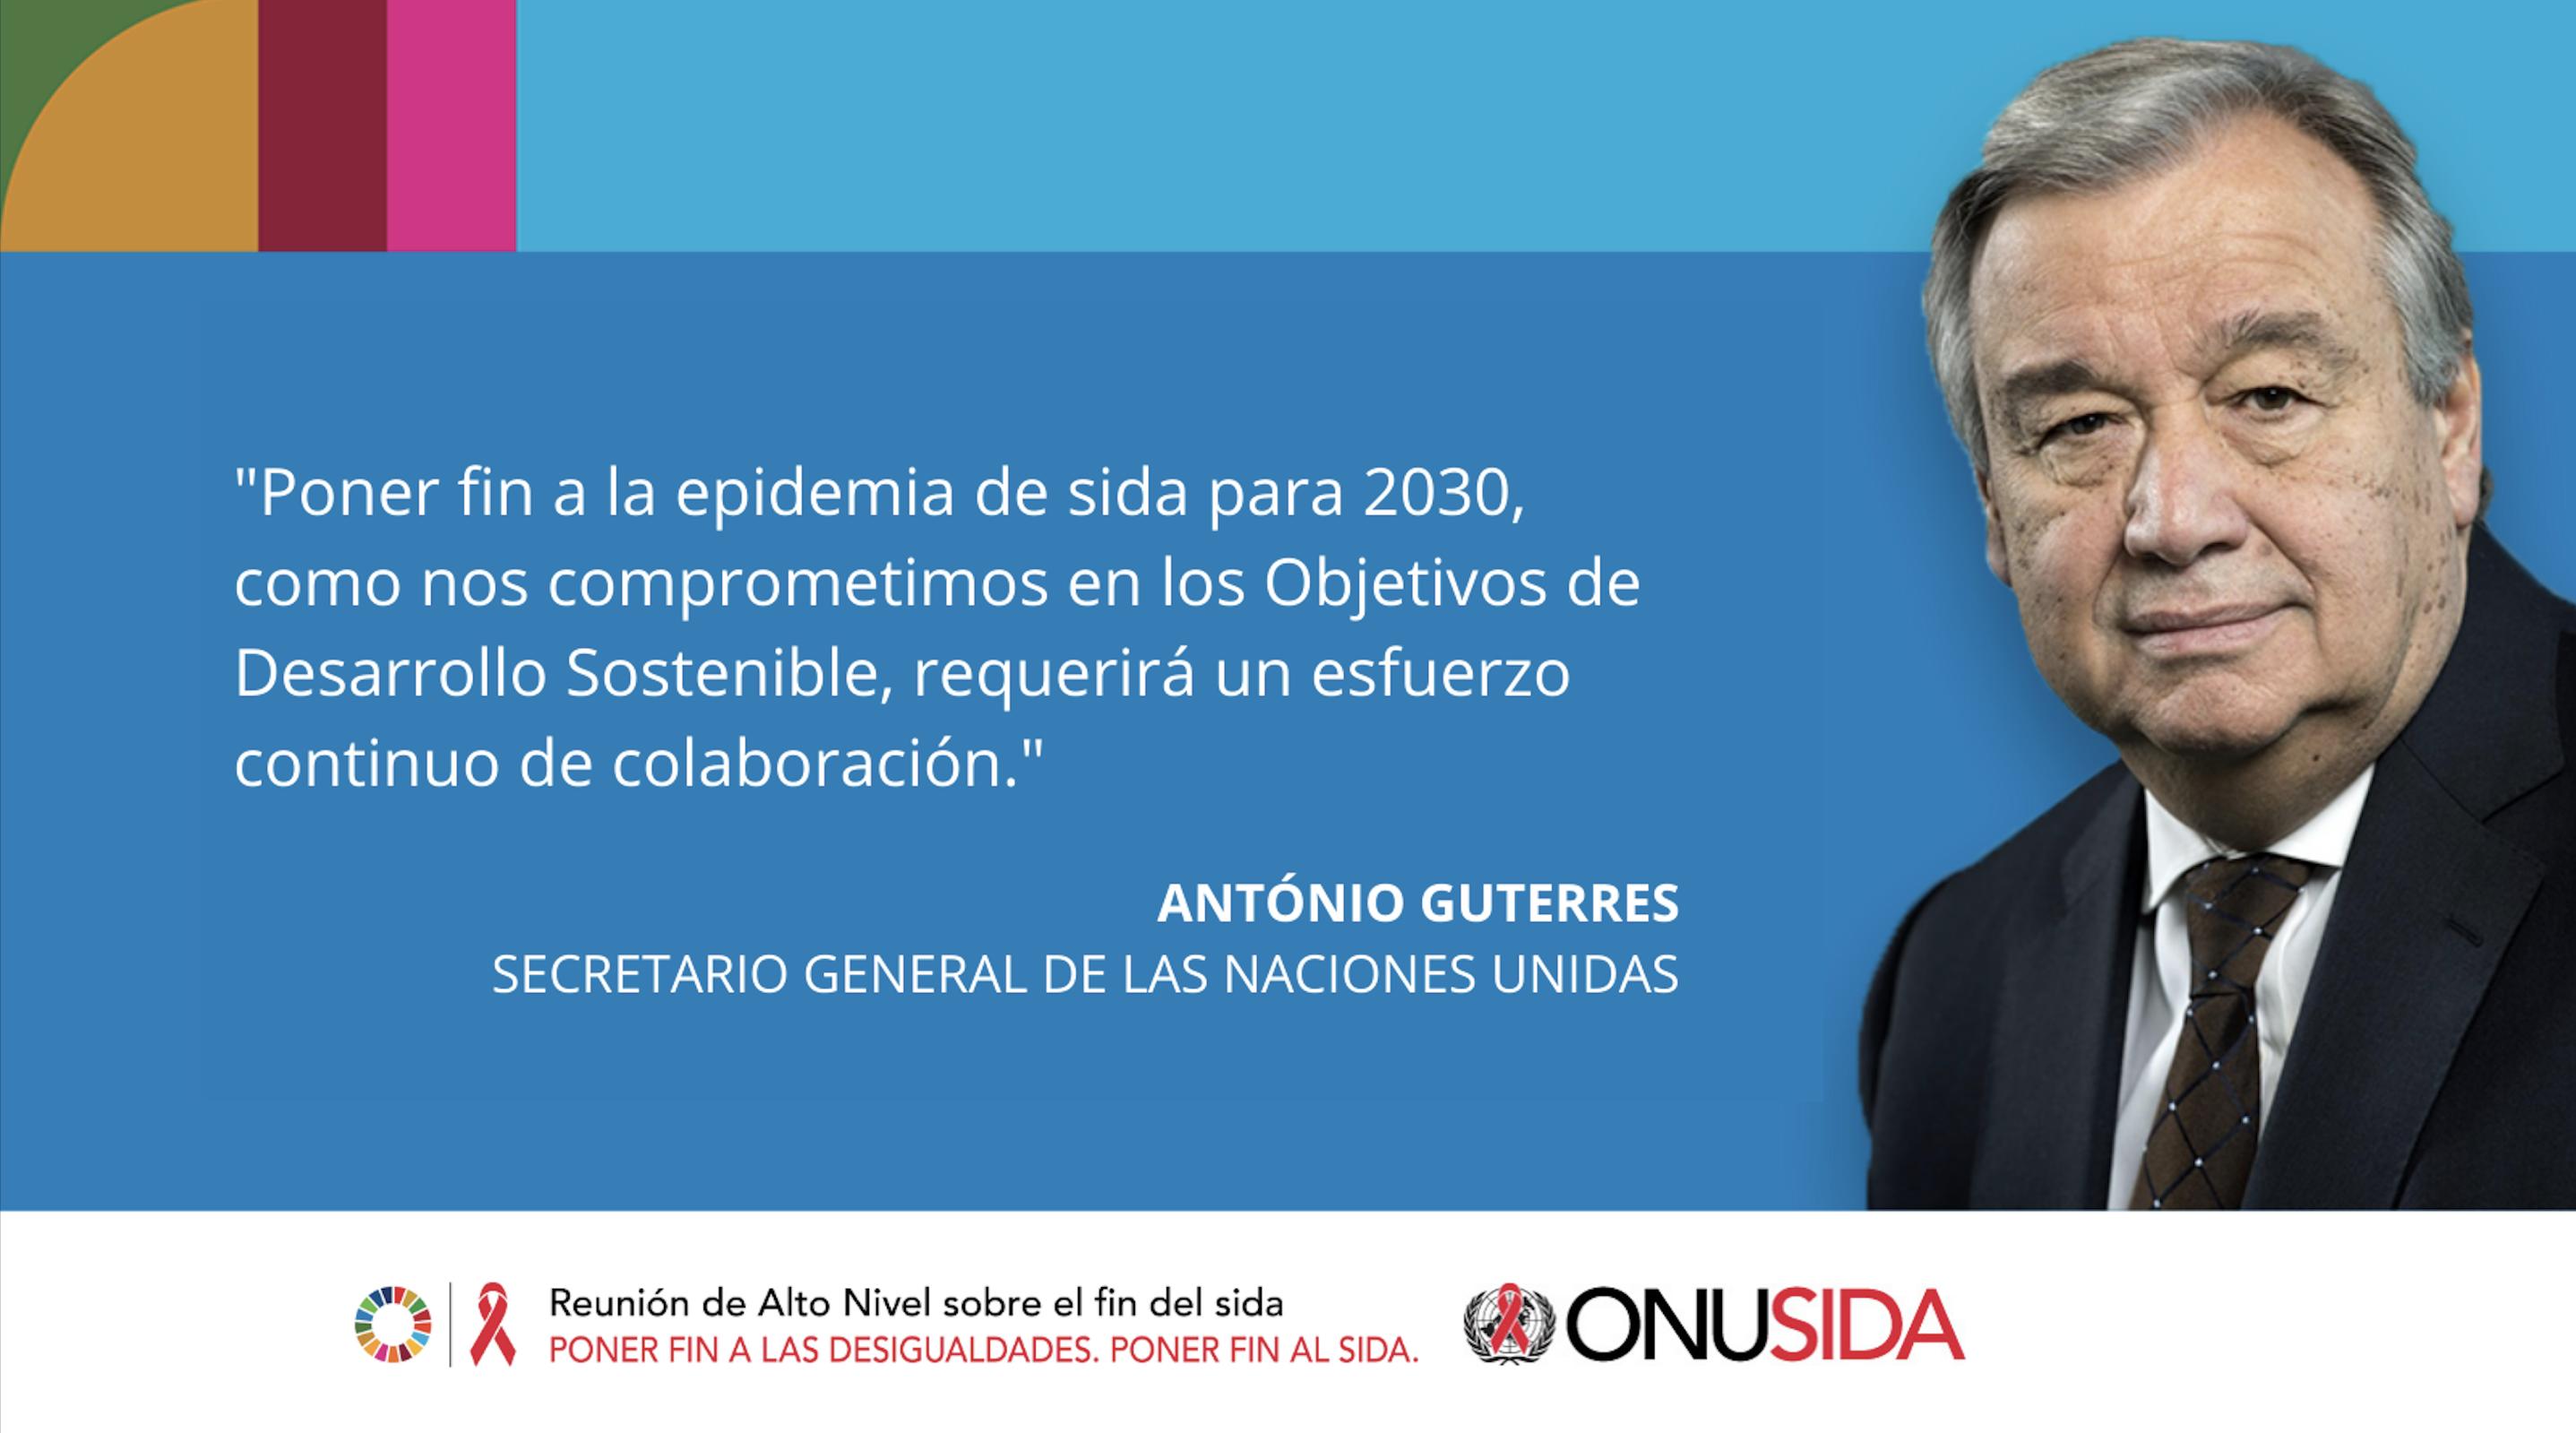 Poner fin al sida para el 2030